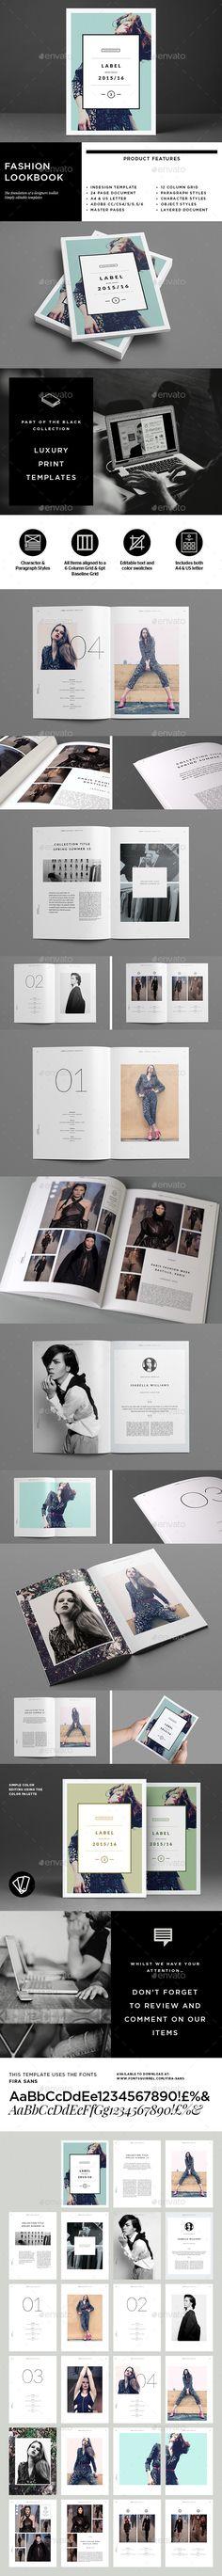 GraphicRiver Fashion Lookbook 9299427